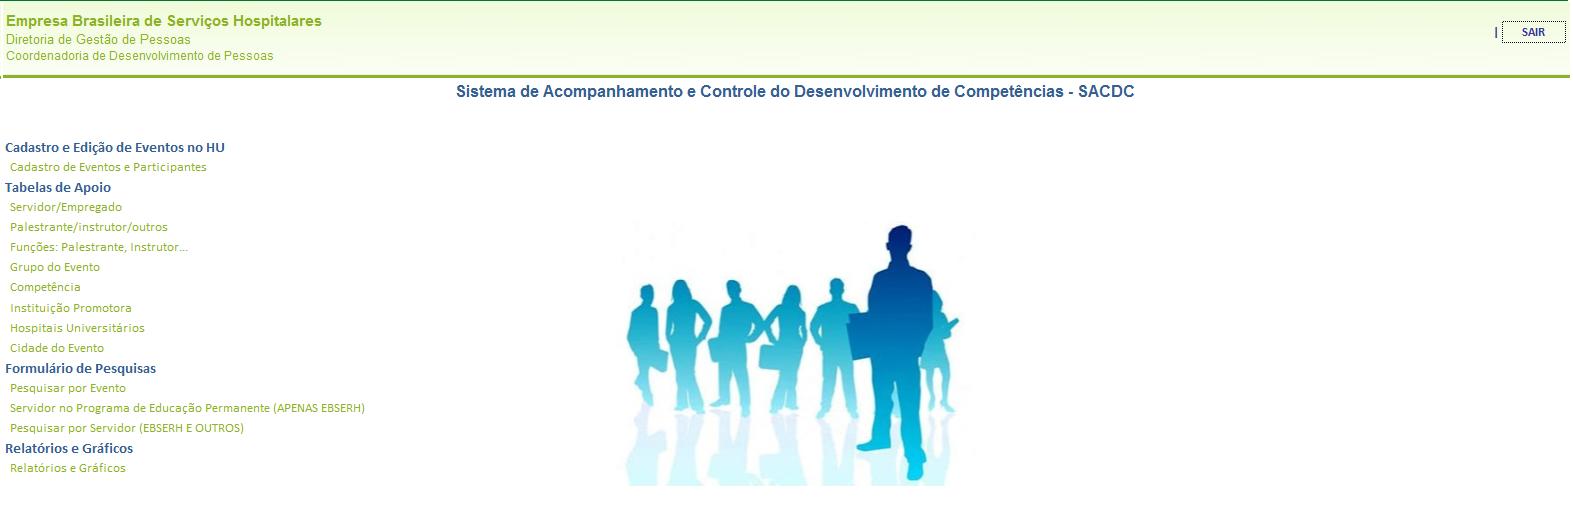 SACDC-Sistema de Acompanhamento e Controle do Desenvolvimento de Competências